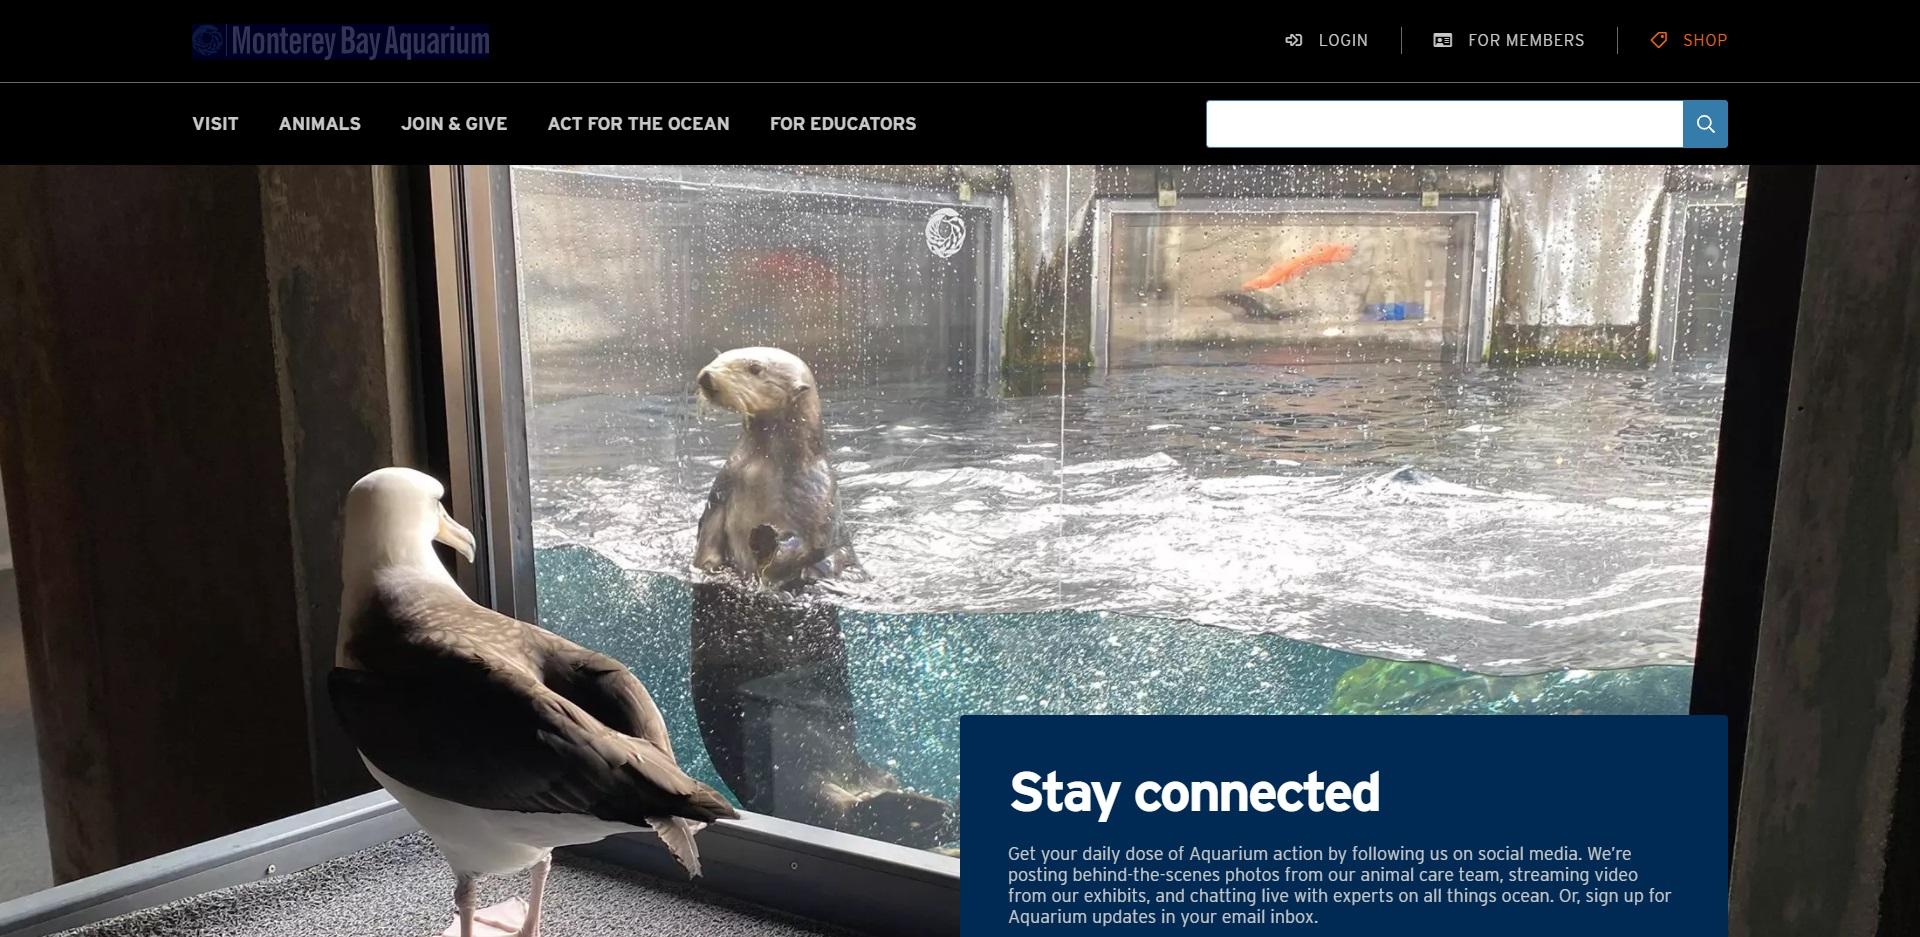 San Jose Best Aquarium/Zoos